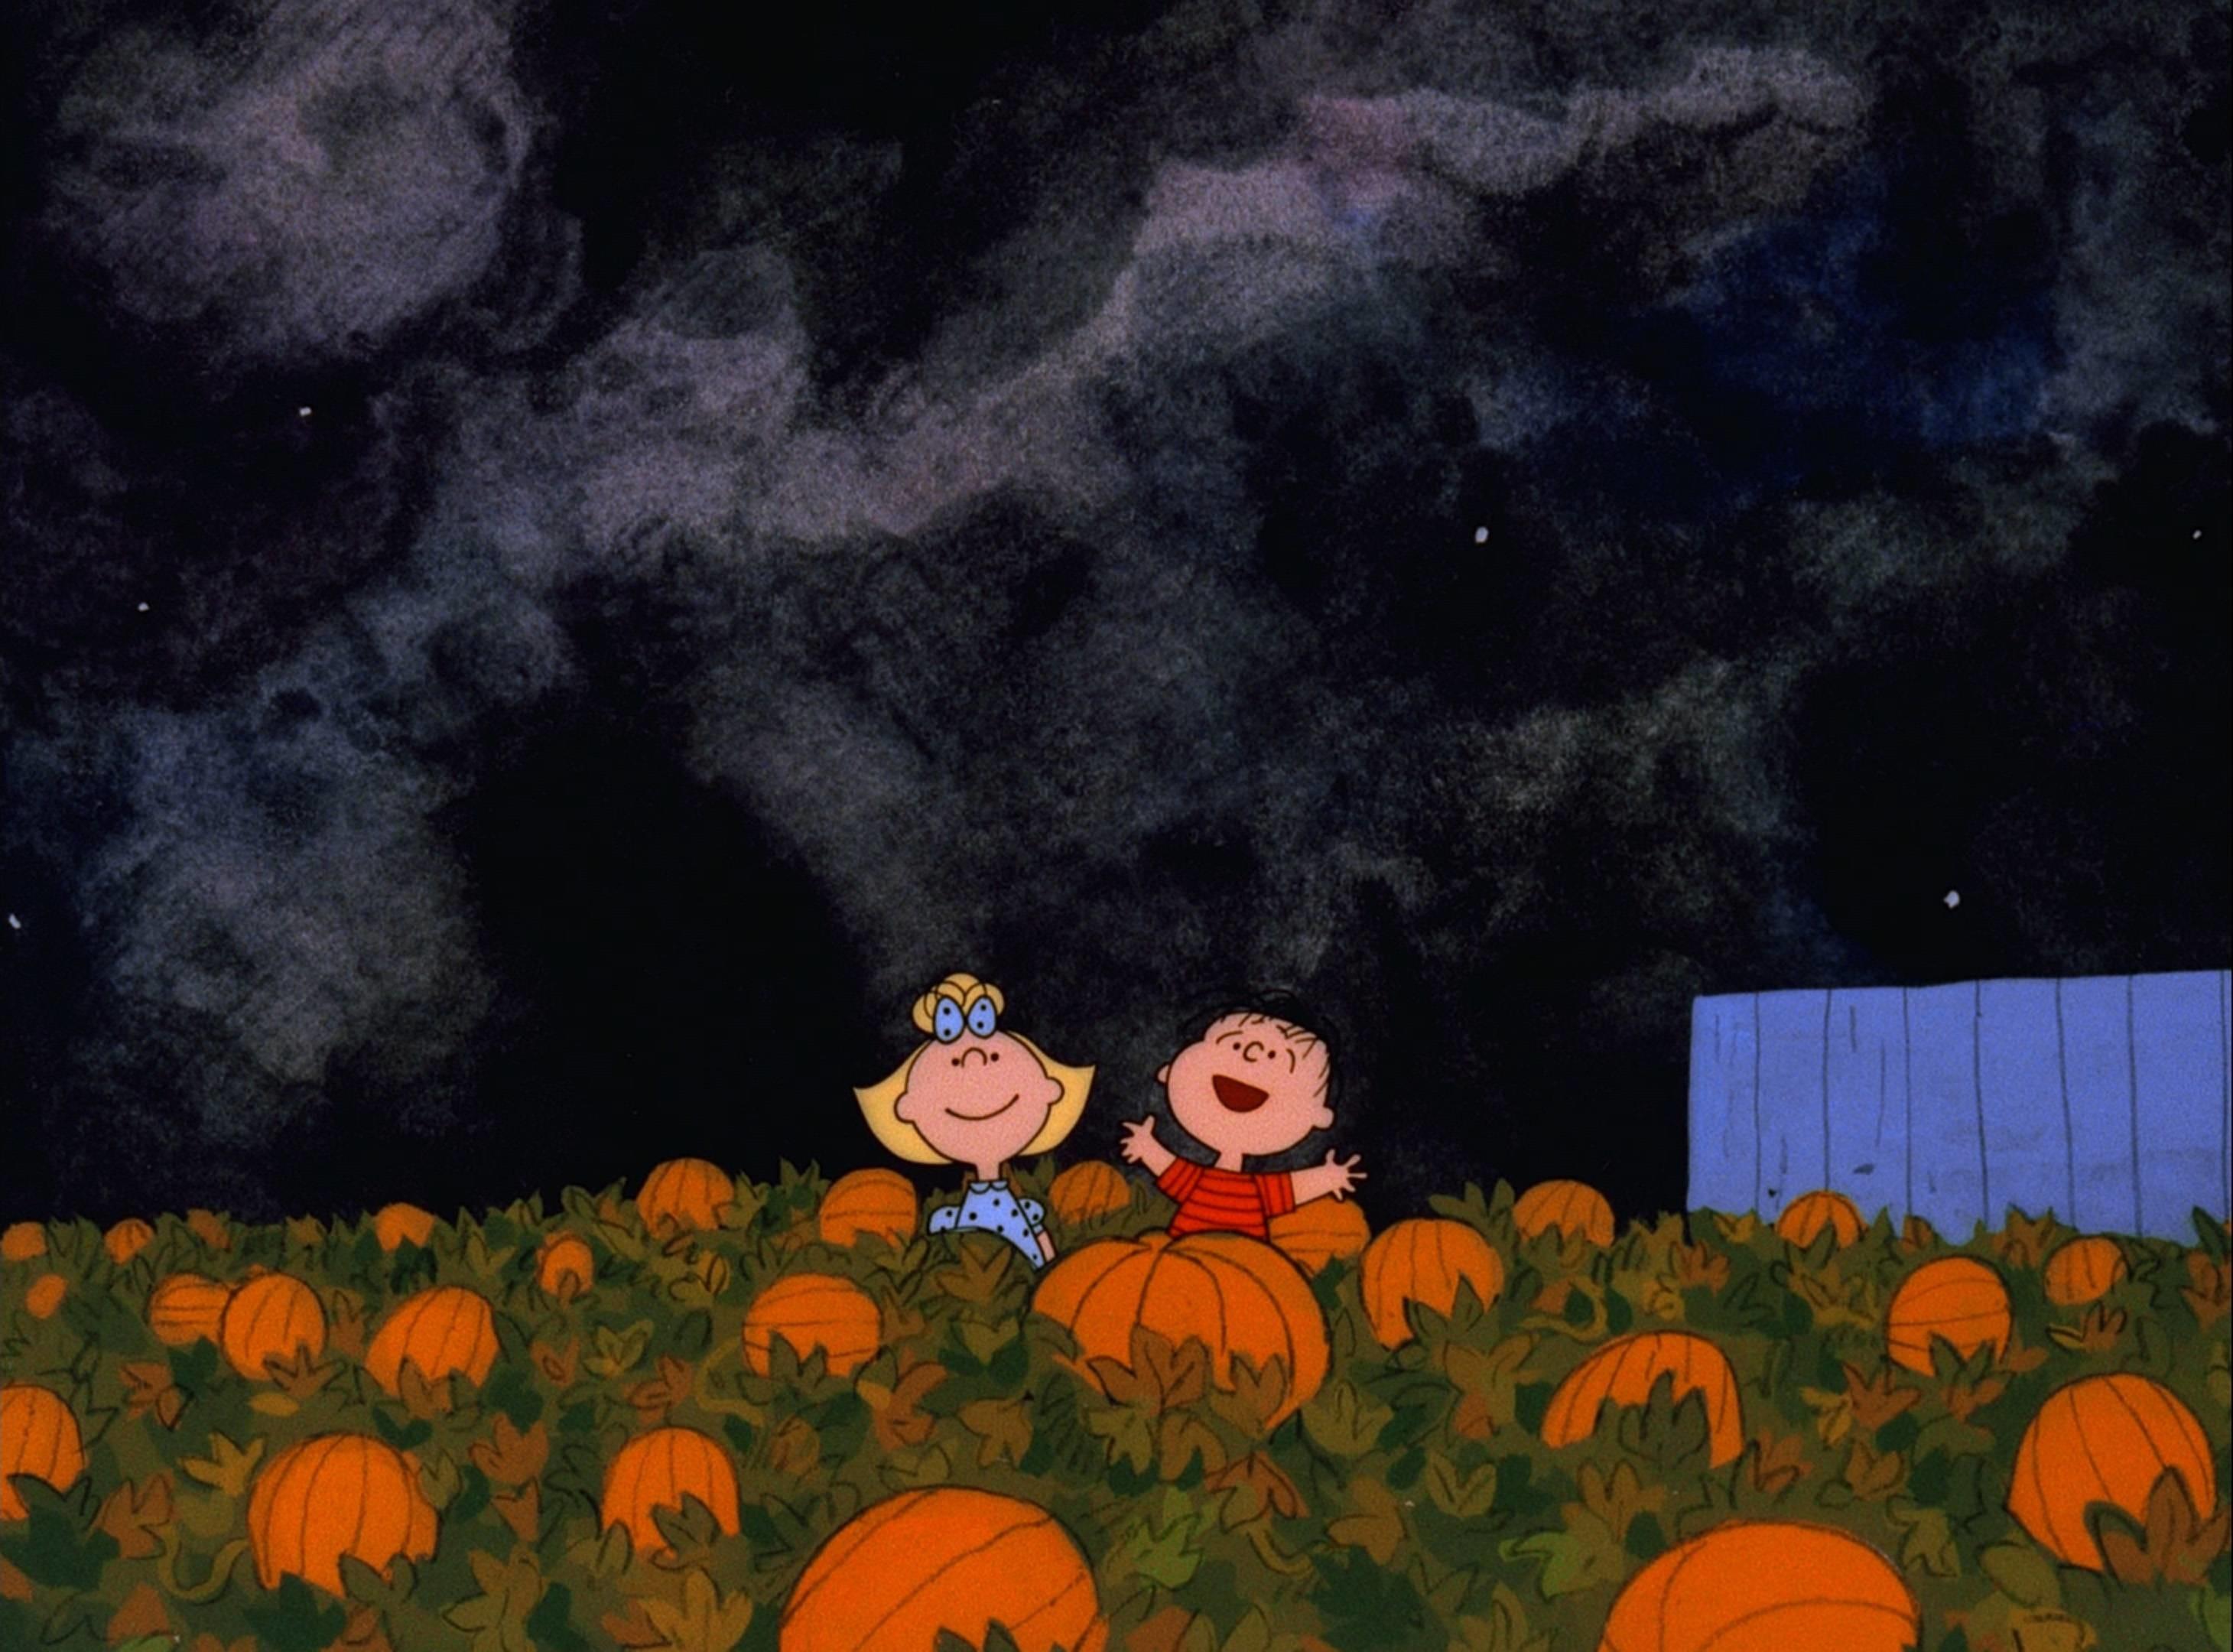 Charlie Brown Halloween Wallpaper 1 Charlie Brown Halloween Wallpaper 2 …